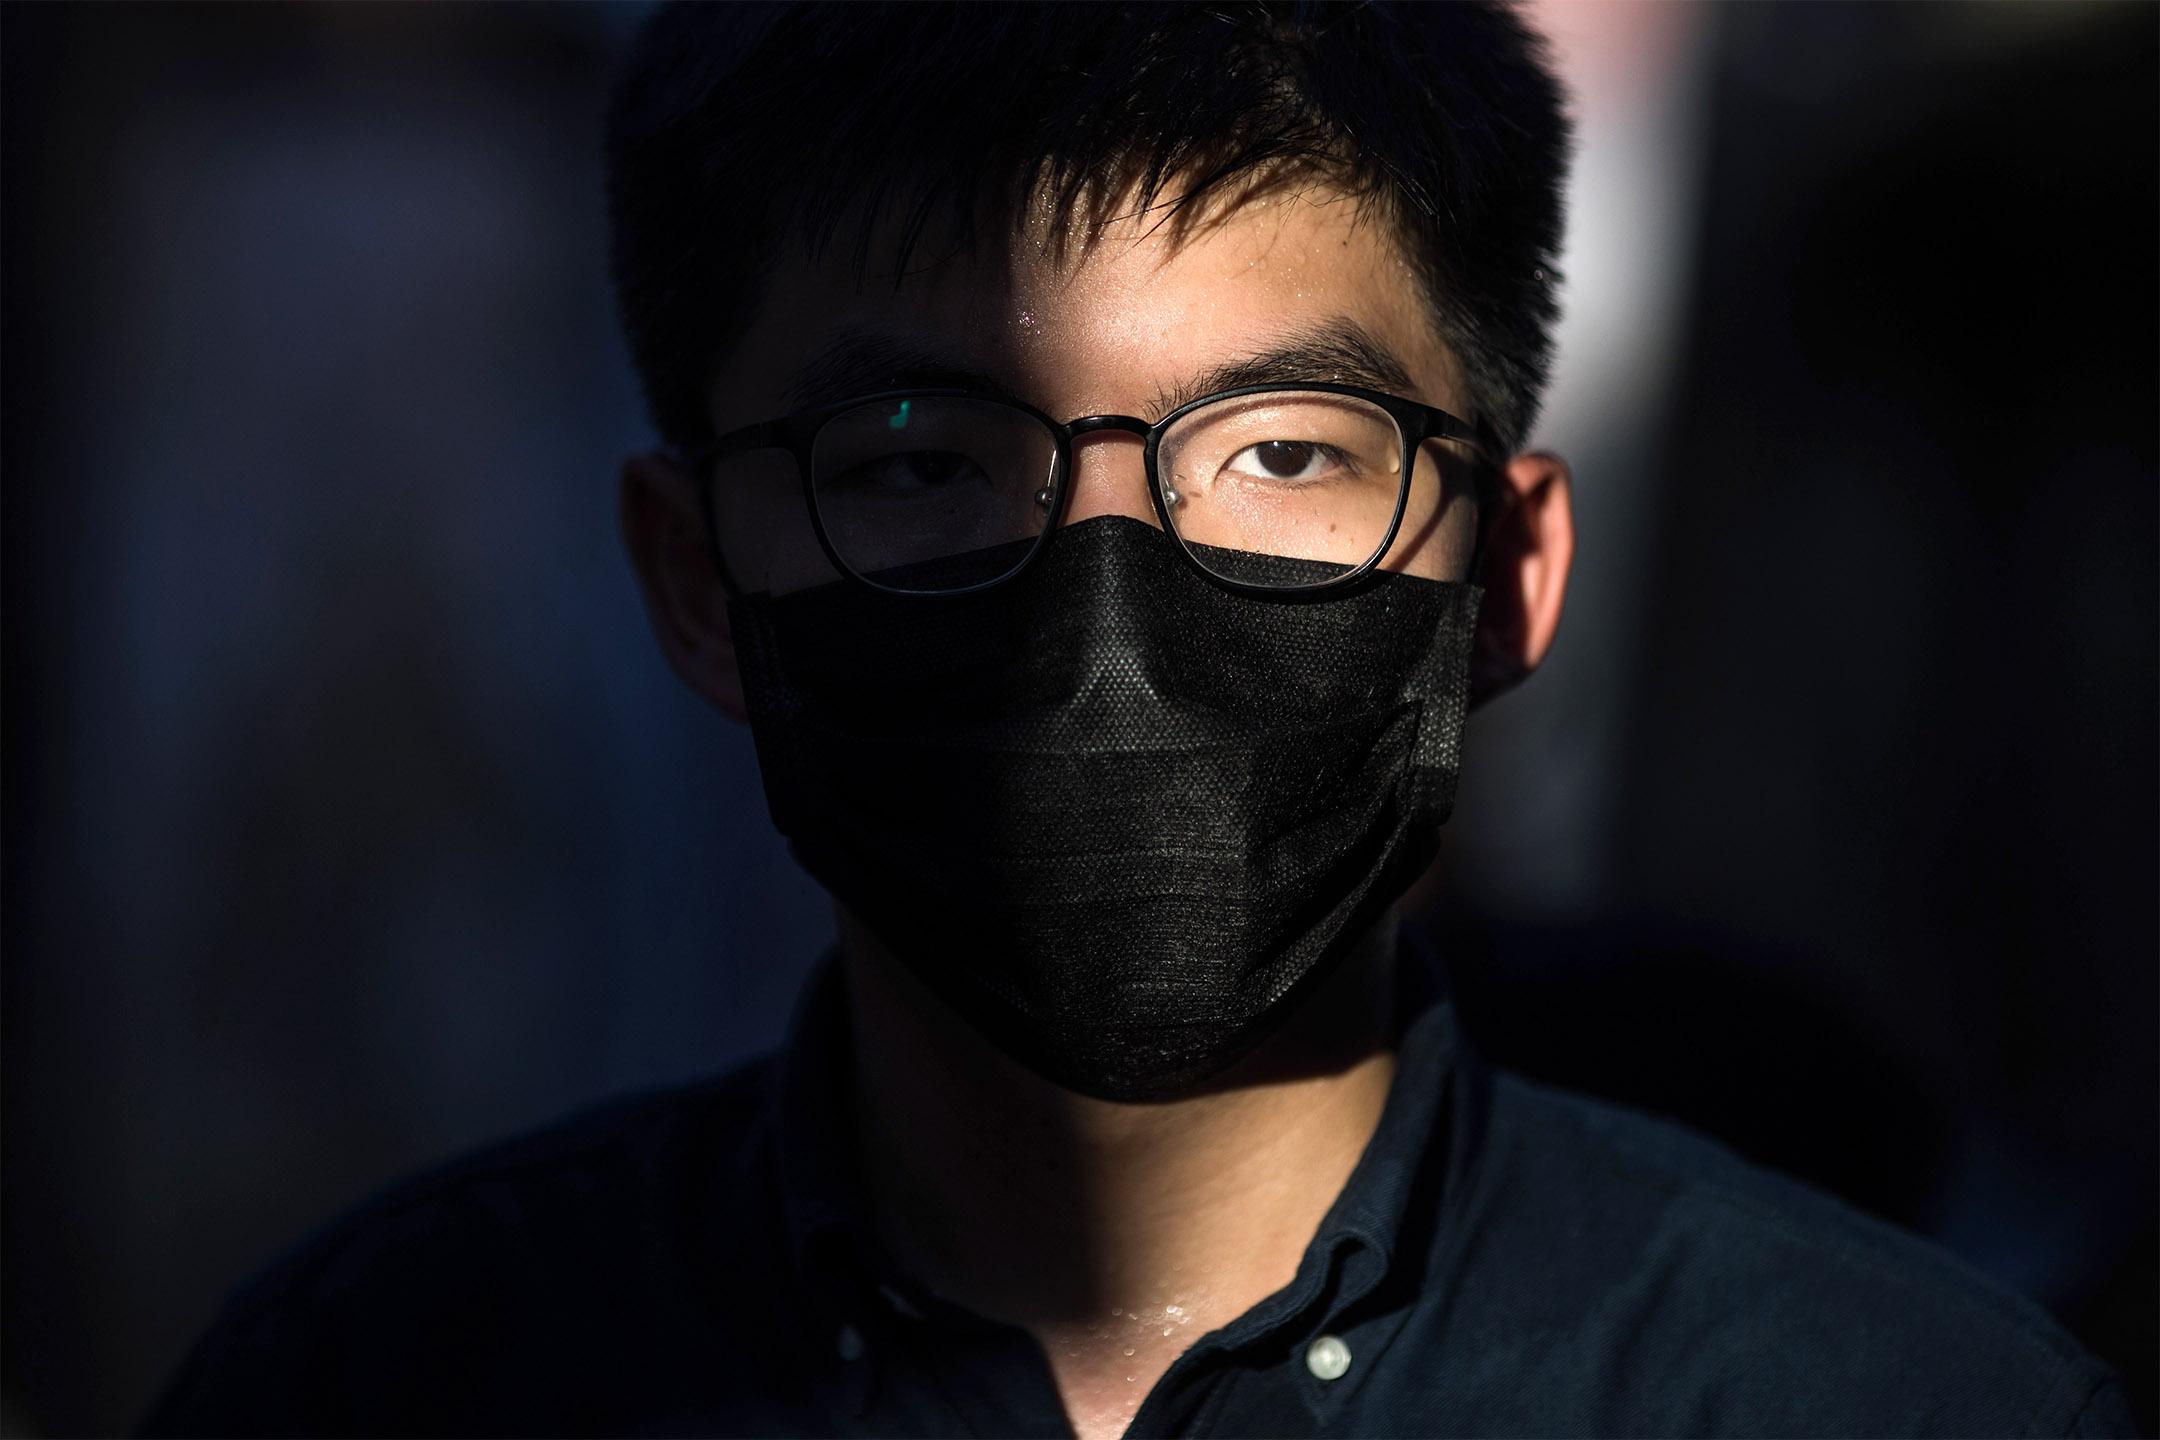 2020年6月19日,黃之鋒宣布參與民主派立法會初選,出戰九龍東直選。 攝:陳焯煇/端傳媒